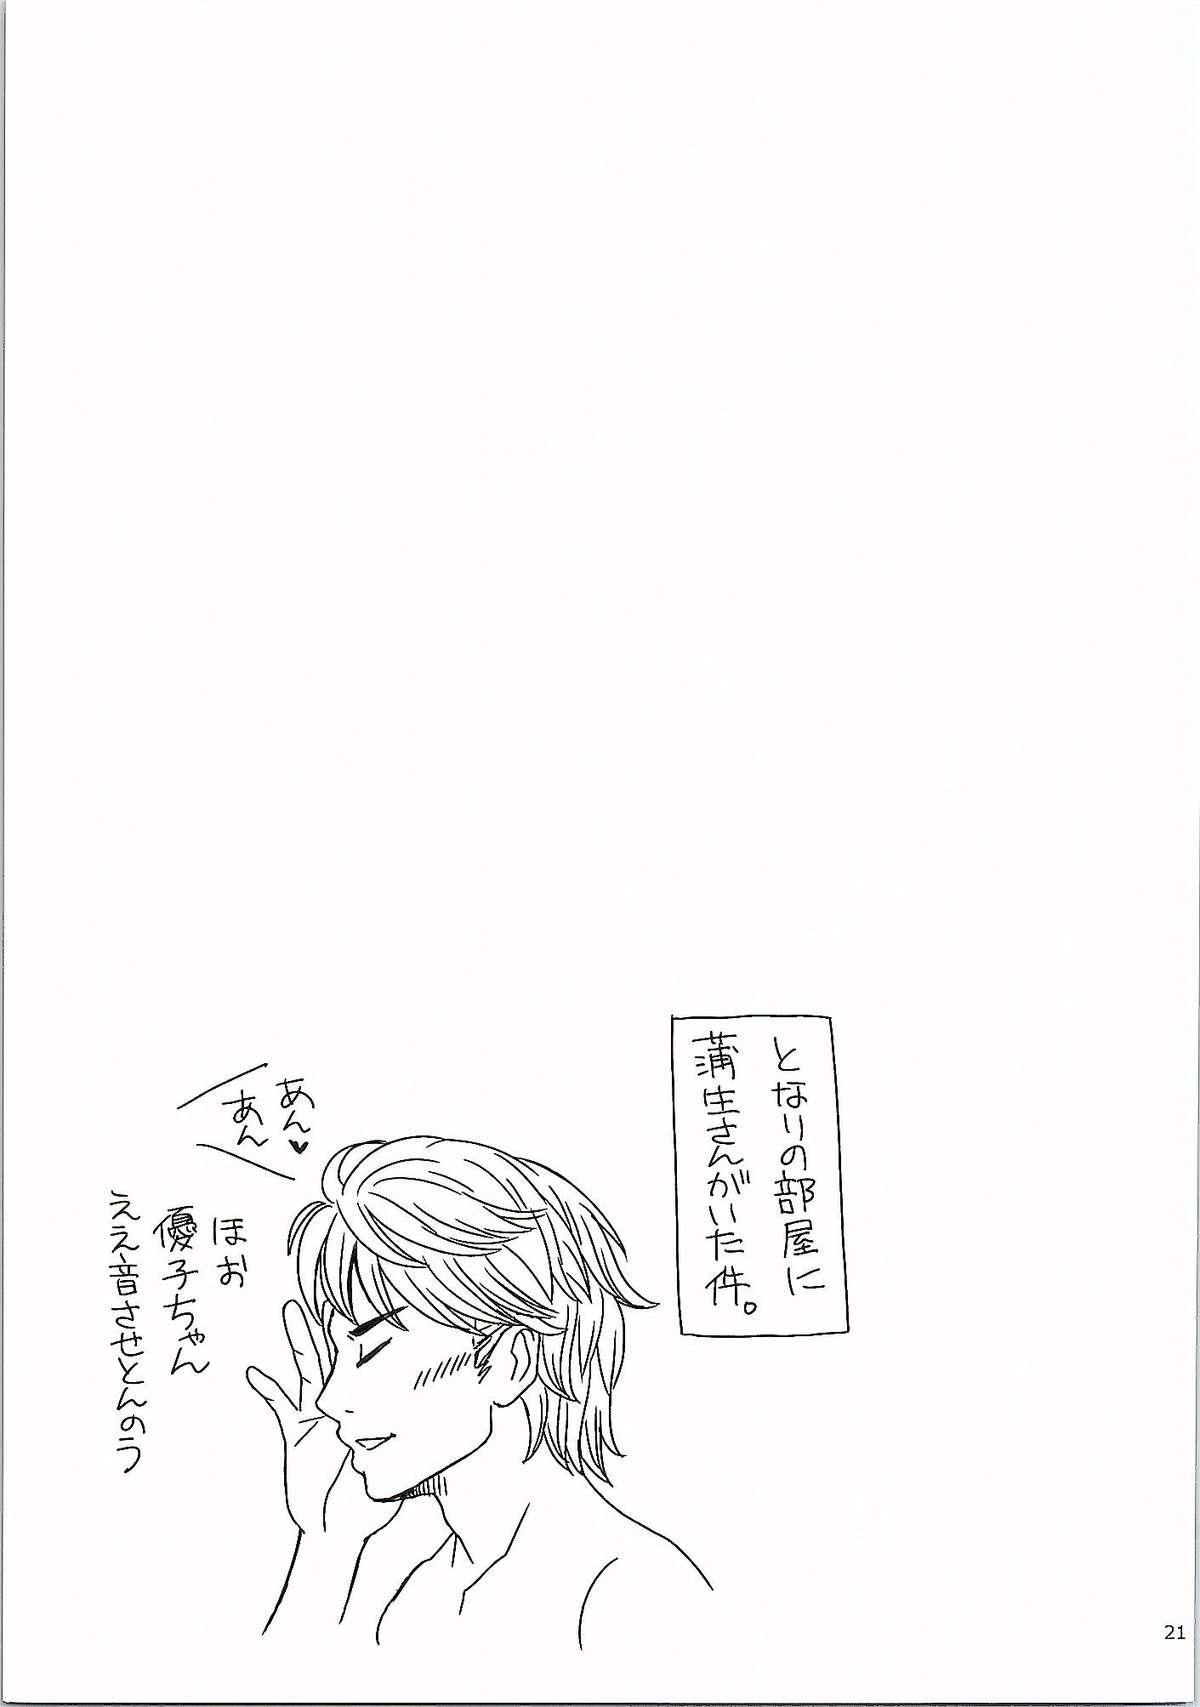 Aoshima-san to Hatano ga Saisho de Saigo no Date de Nani o Shitaka. 19